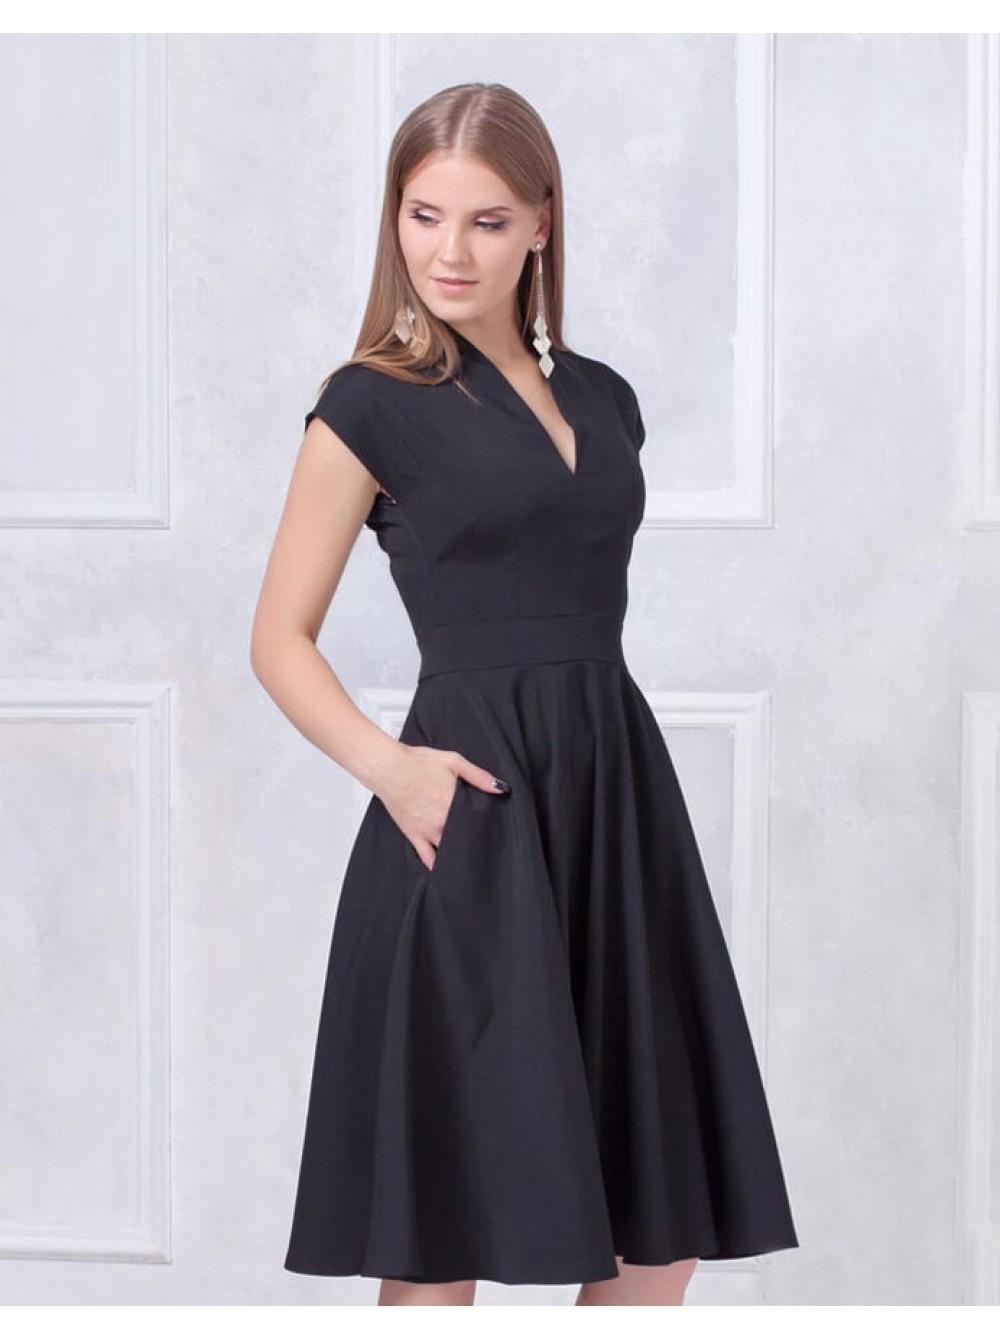 8c33f5aec21 Платье с пышной юбкой черное купить оптом и в розницу